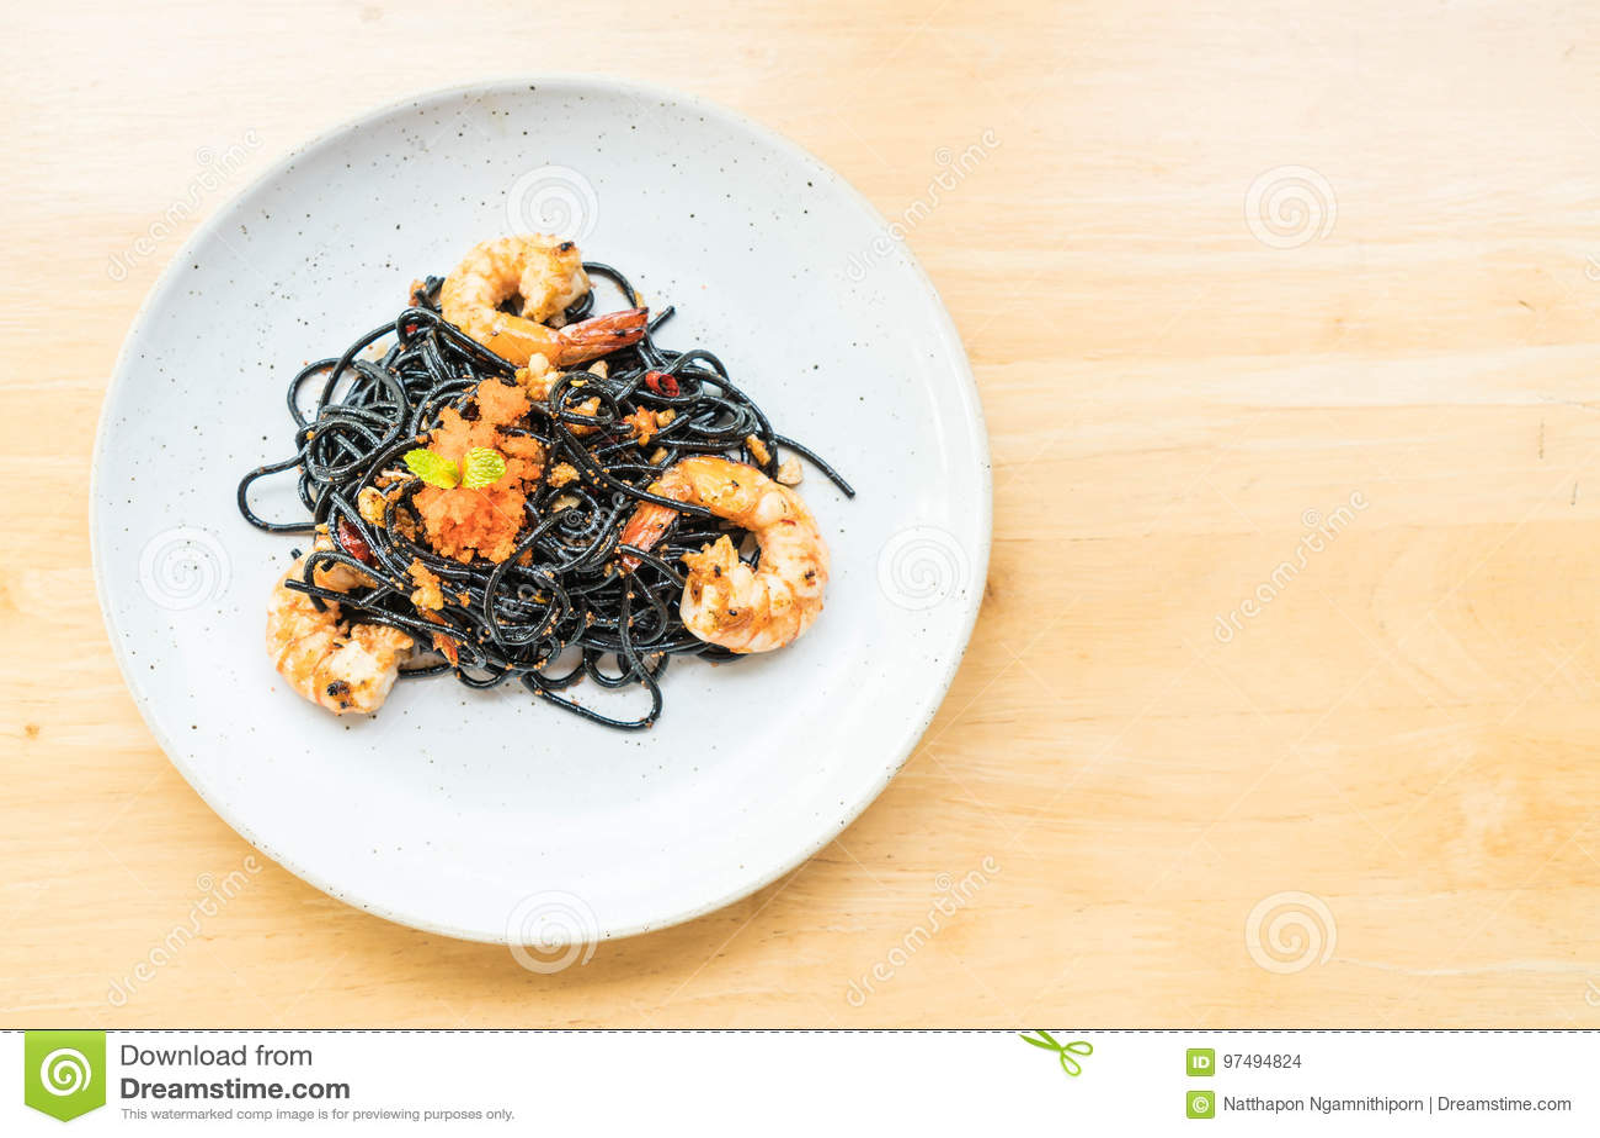 Spaghetti neri con gamberetto